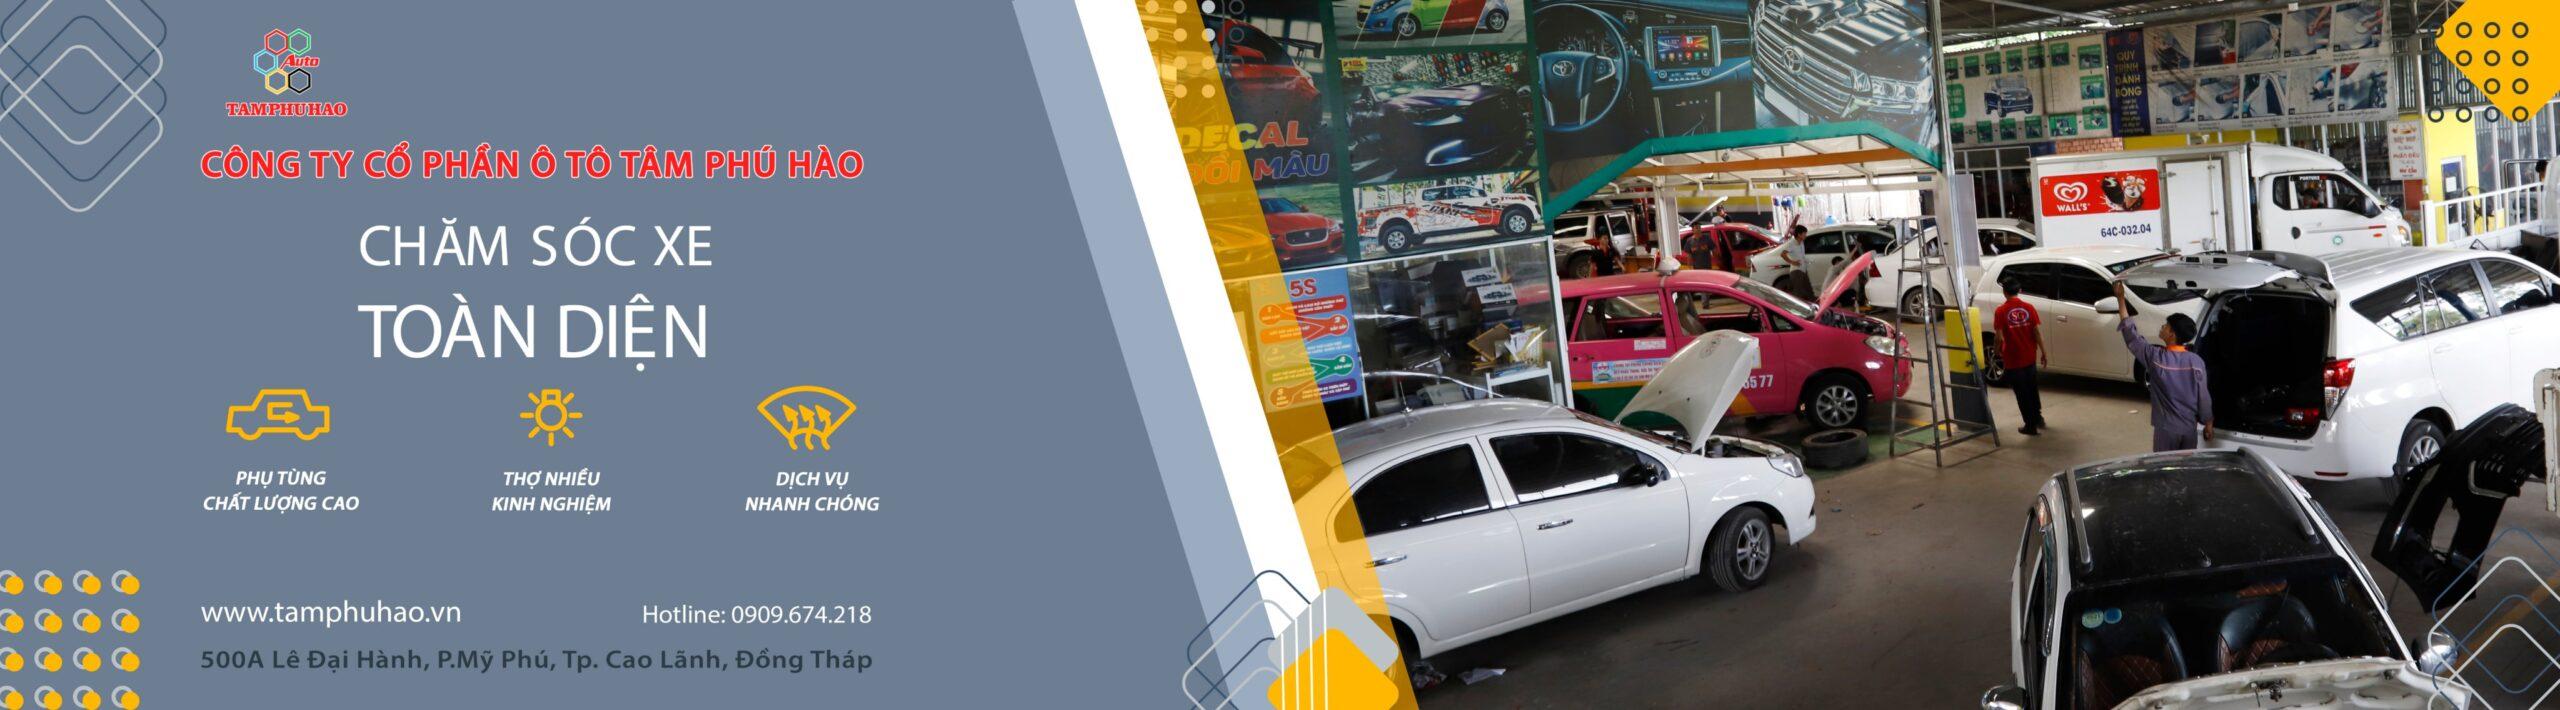 Chăm sóc sửa chữa ô tô tại Đồng Tháp uy tín